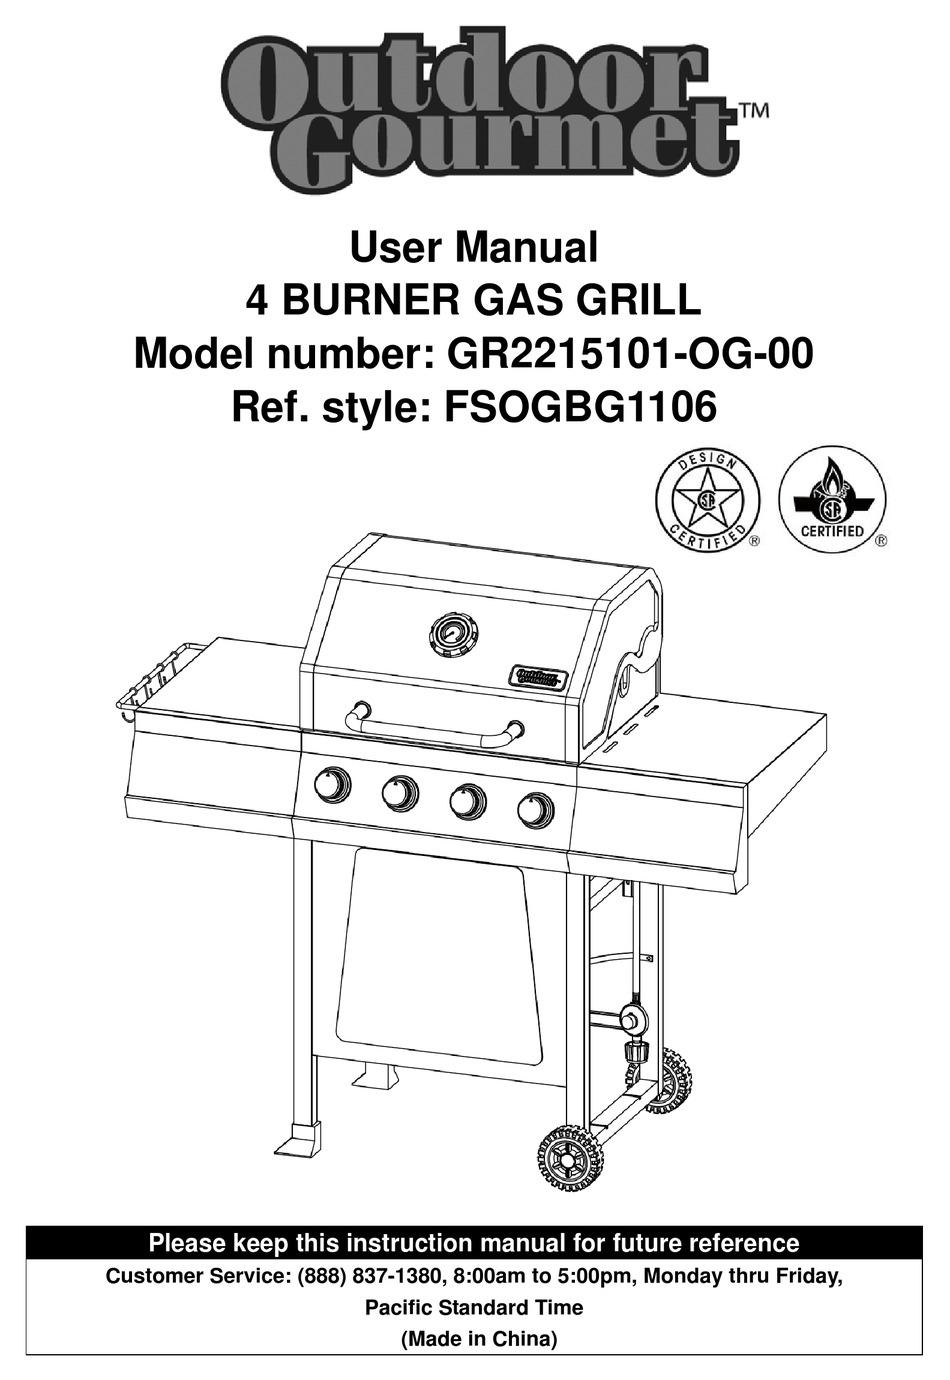 OUTDOOR GOURMET GR2215101-OG-00 USER MANUAL Pdf Download